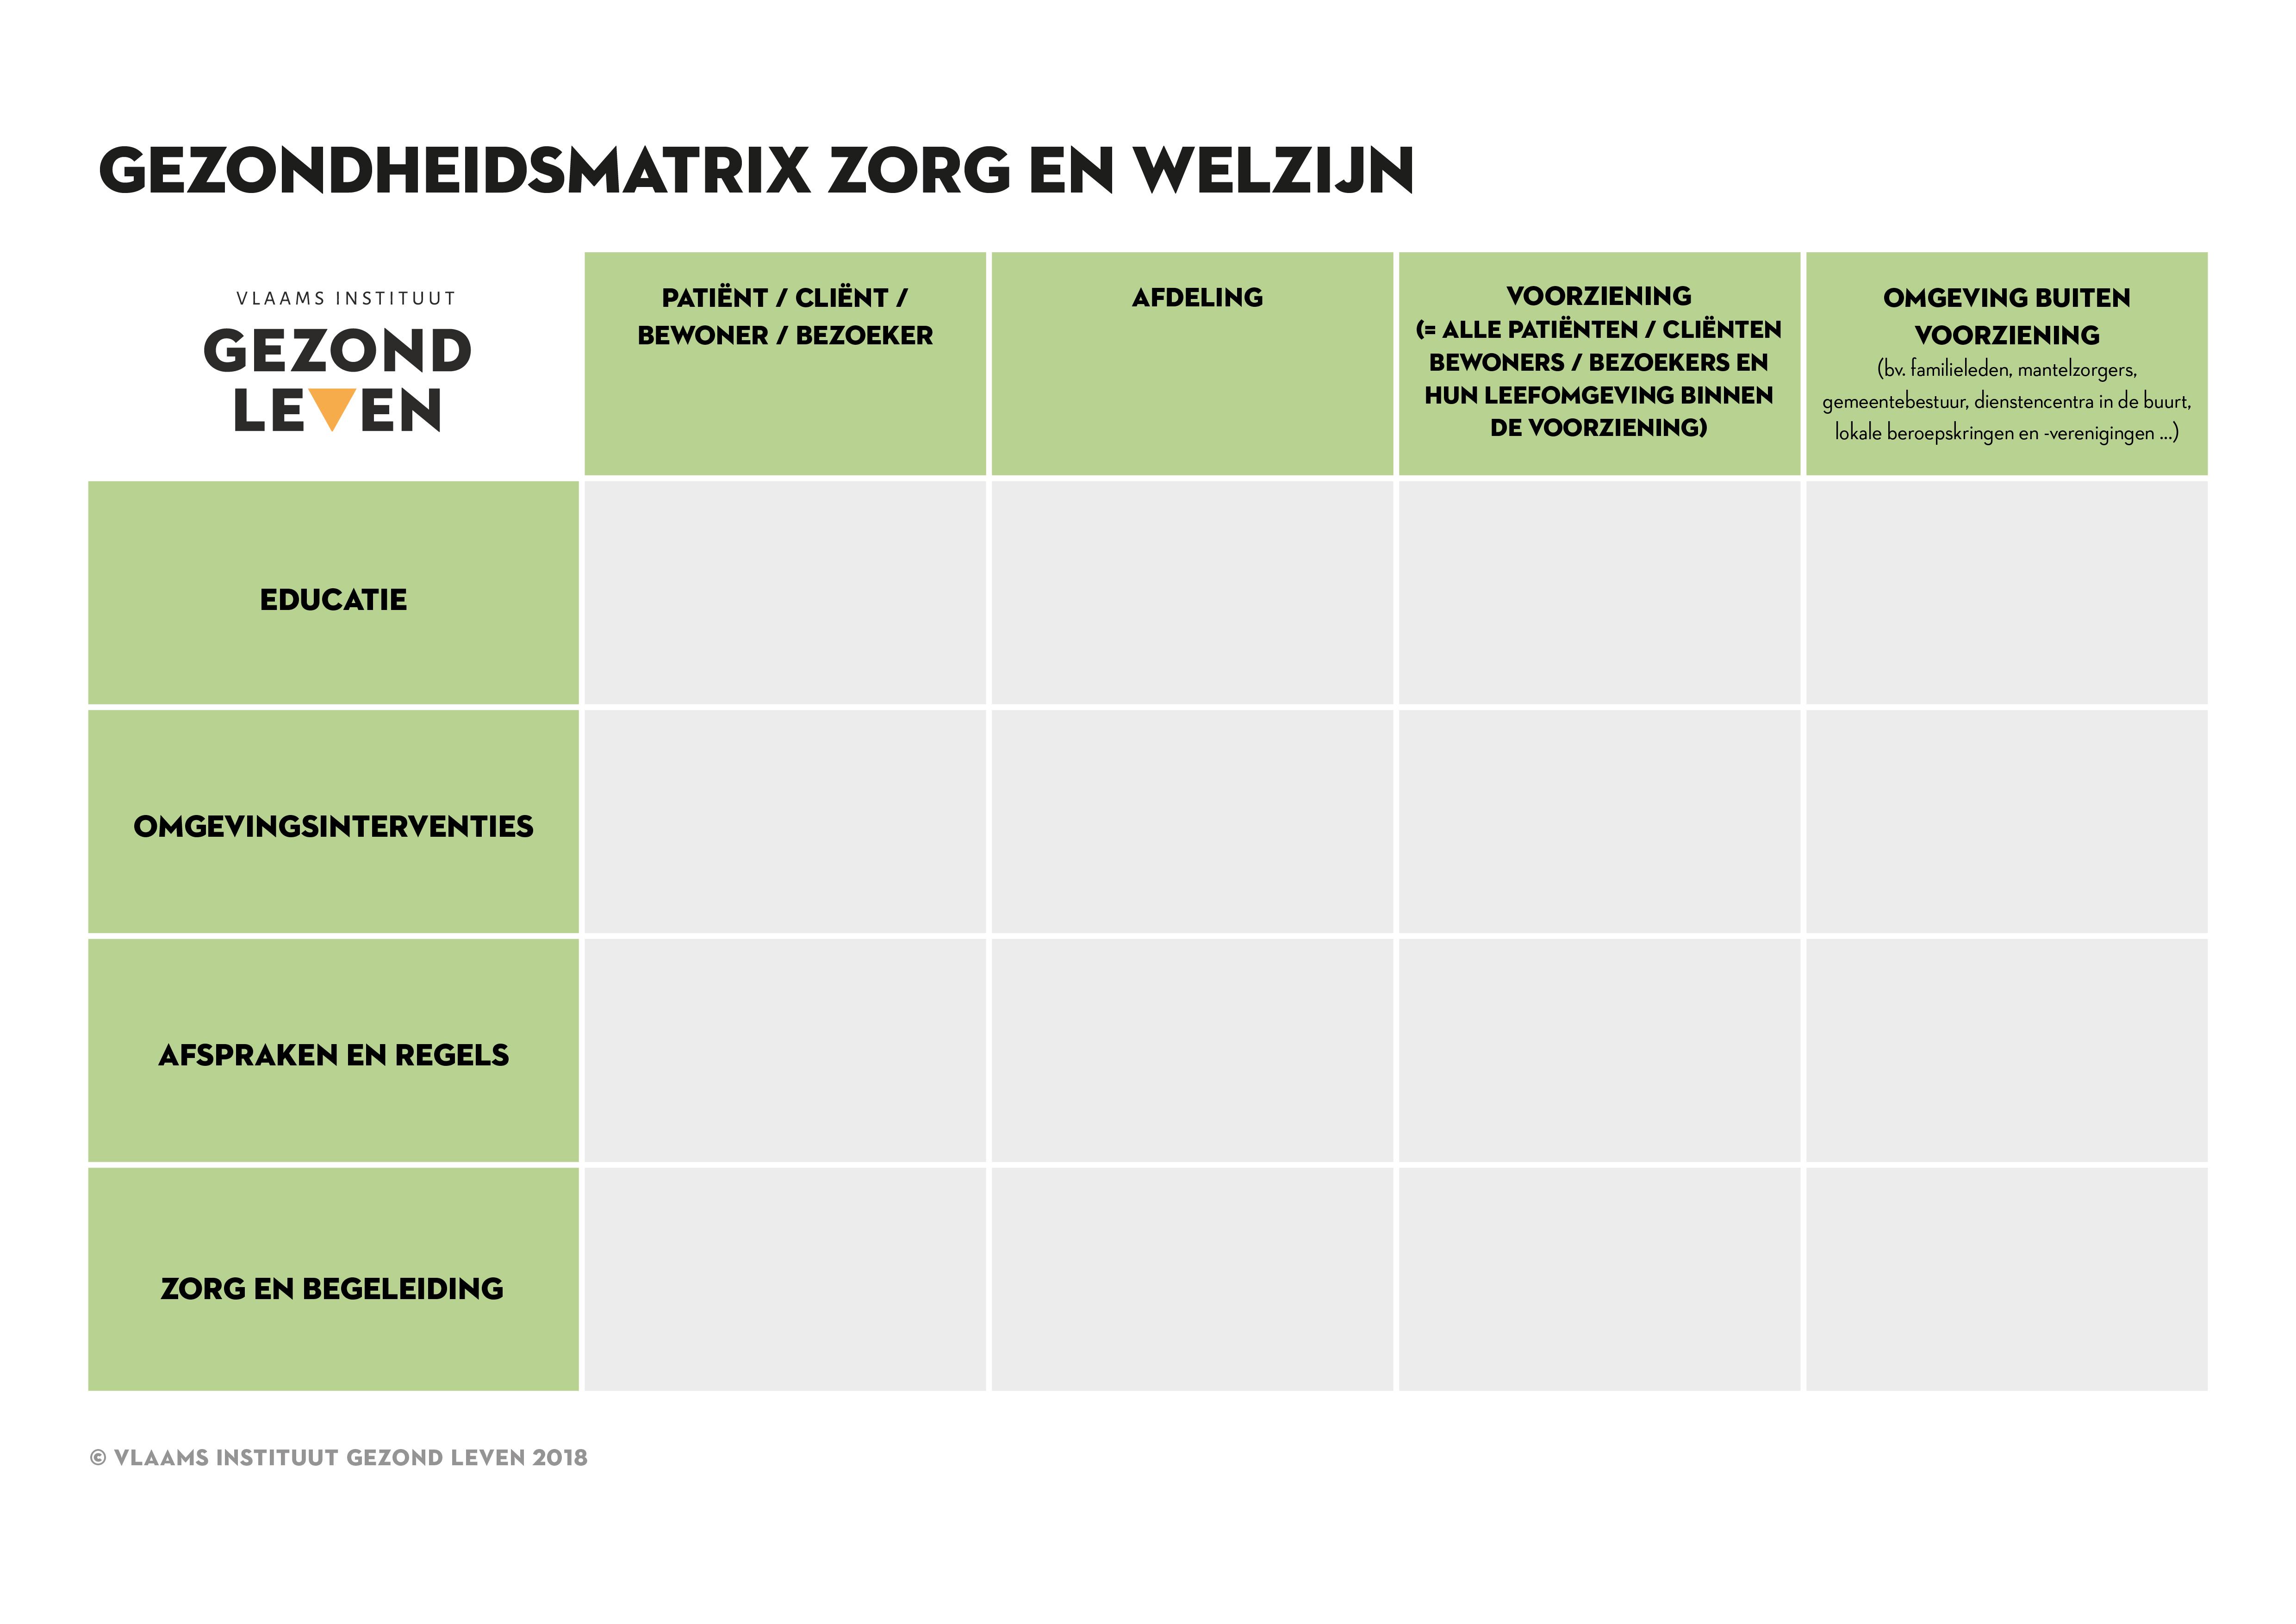 Gezondheidsmatrix Zorg En Welzijn Hr